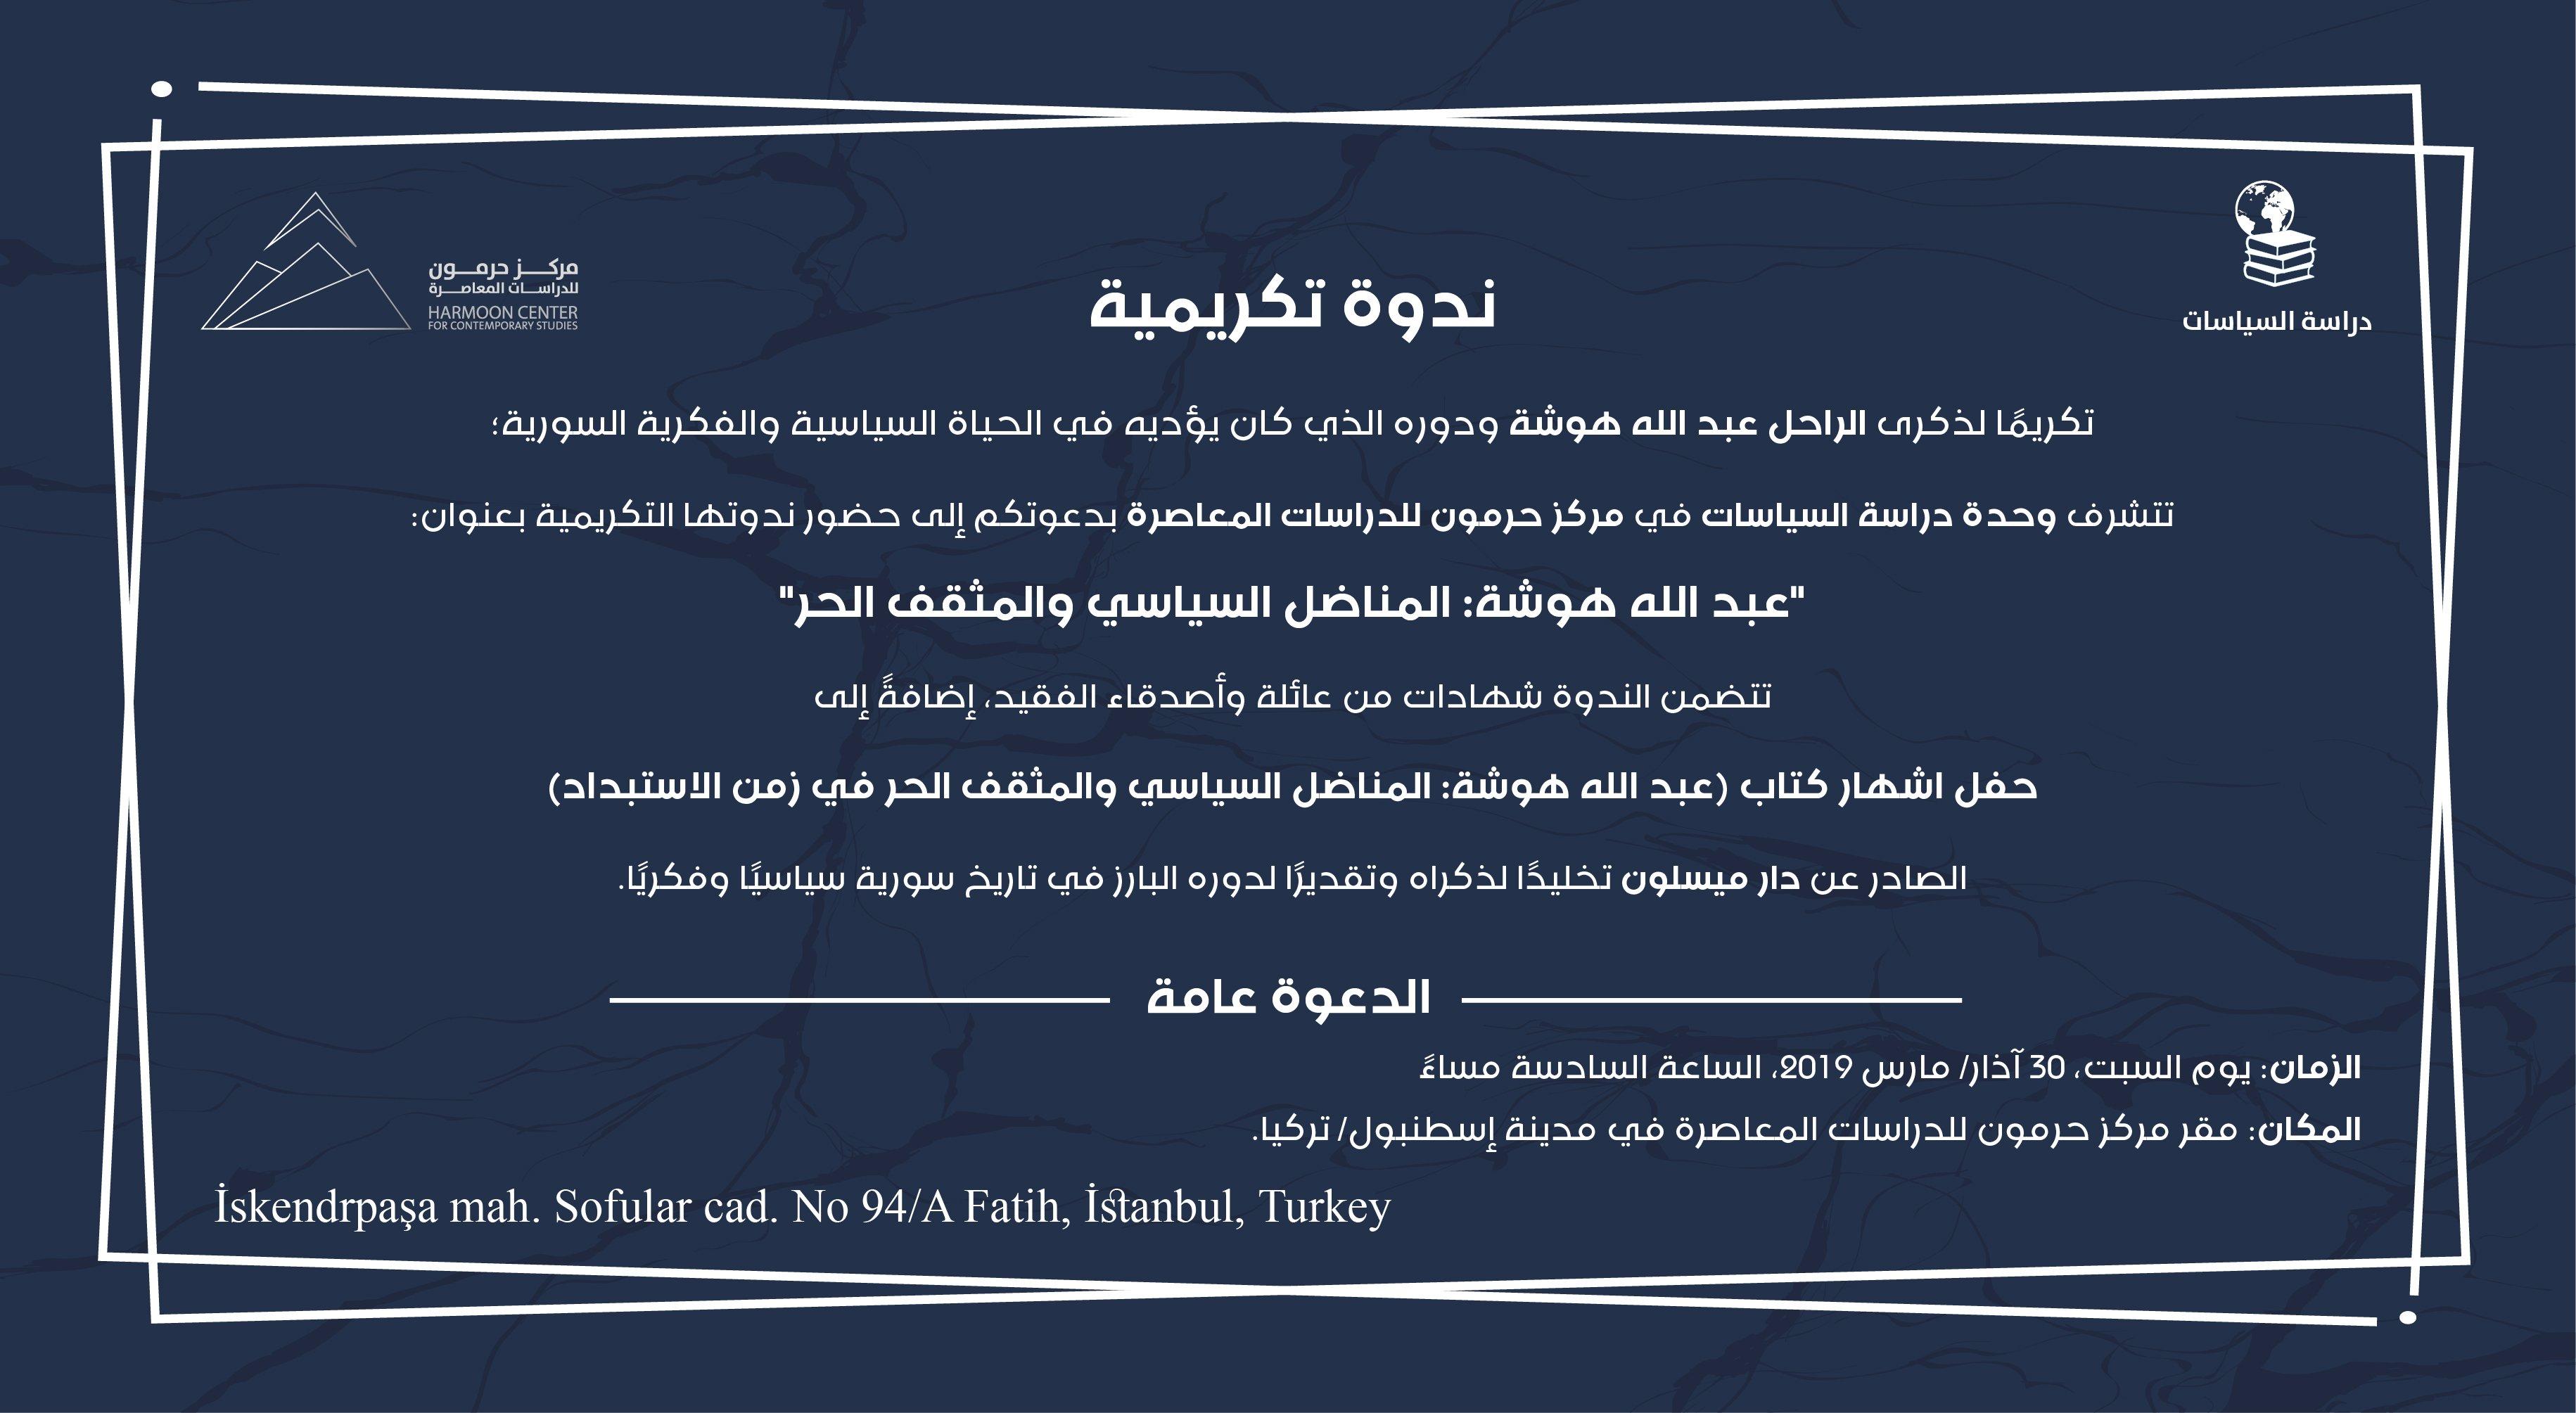 """(وحدة دراسة السياسات) تنظم ندوة، تكريمًا لذكرى الراحل عبد الله هوشه، بعنوان: """"عبد الله هوشة: المناضل السياسي والمثقف الحر"""""""